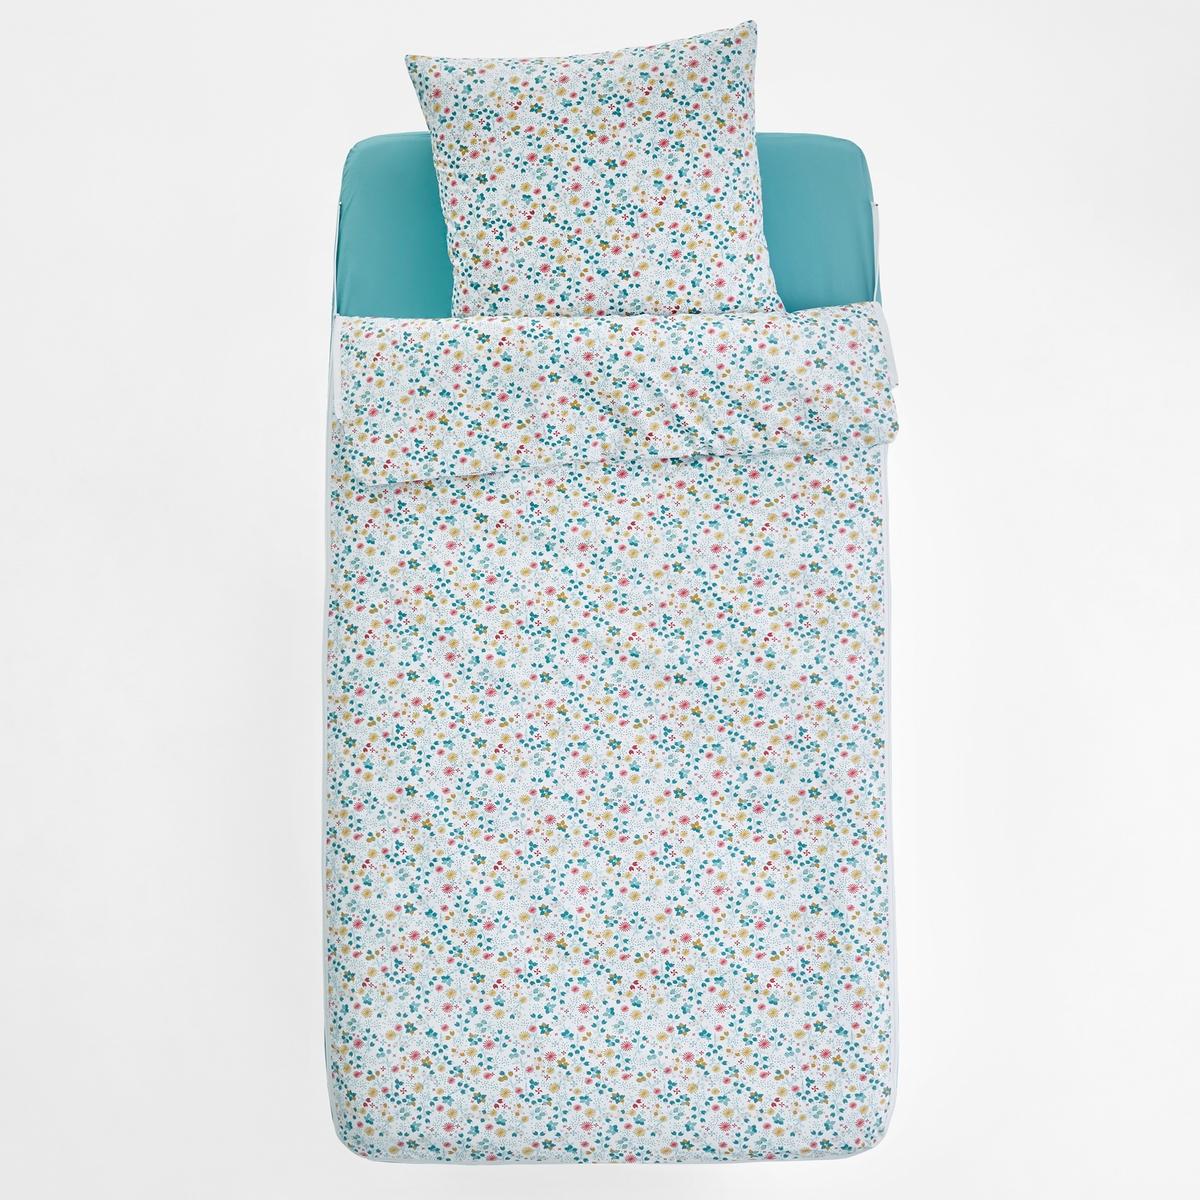 Комплект постельный без одеяла ILLONAПостельный комплект без одеялаILLONA. Идеален для двухъярусных кроватей или для организации дополнительного спального места! Пододеяльник и натяжная простыня соединены между собой молнией.Характеристики постельного комплекта ILLONA : •  Размер 90 x 140 см: 1 пододеяльник 90 x 140 см + 1 натяжная простыня 90 x 140 см + 1 наволочка 63 x 63 см. •  Размер 90 x 190 см: 1 пододеяльник 90 x 190 см + 1 натяжная простыня 90 x 190 см + 1 наволочка 63 x 63 см.Состав постельного комплекта ILLONA : •  100% хлопок плотного плетения, 57 нитей/см? : чем больше нитей/см?, тем выше качество материала.Легкость ухода : •  Машинная стирка при 60° •  Легко гладитьВсе постельные комплекты с рисунком Вы найдете на сайте laredoute .ru Размеры : •  90 x 140 см: раскладная кровать •  90 x 190 см: 1-сп.Комплект подходит для кроватей с надувными матрасами Intex.<br><br>Цвет: цветочный рисунок